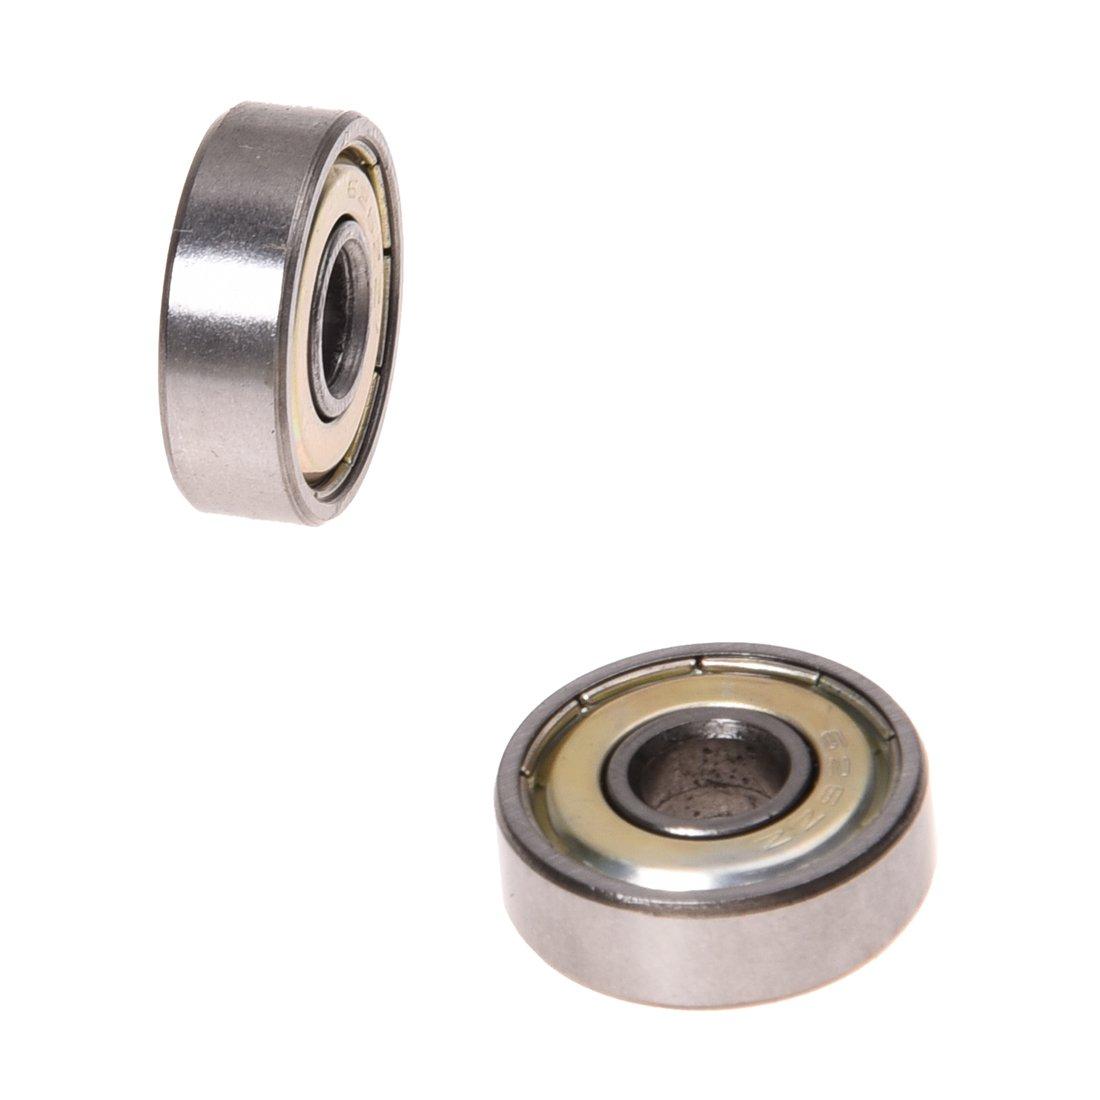 Semoic 10x Rodamiento de bola Bola de ranura profunda 626-ZZ 6mm Calidad superior de industria